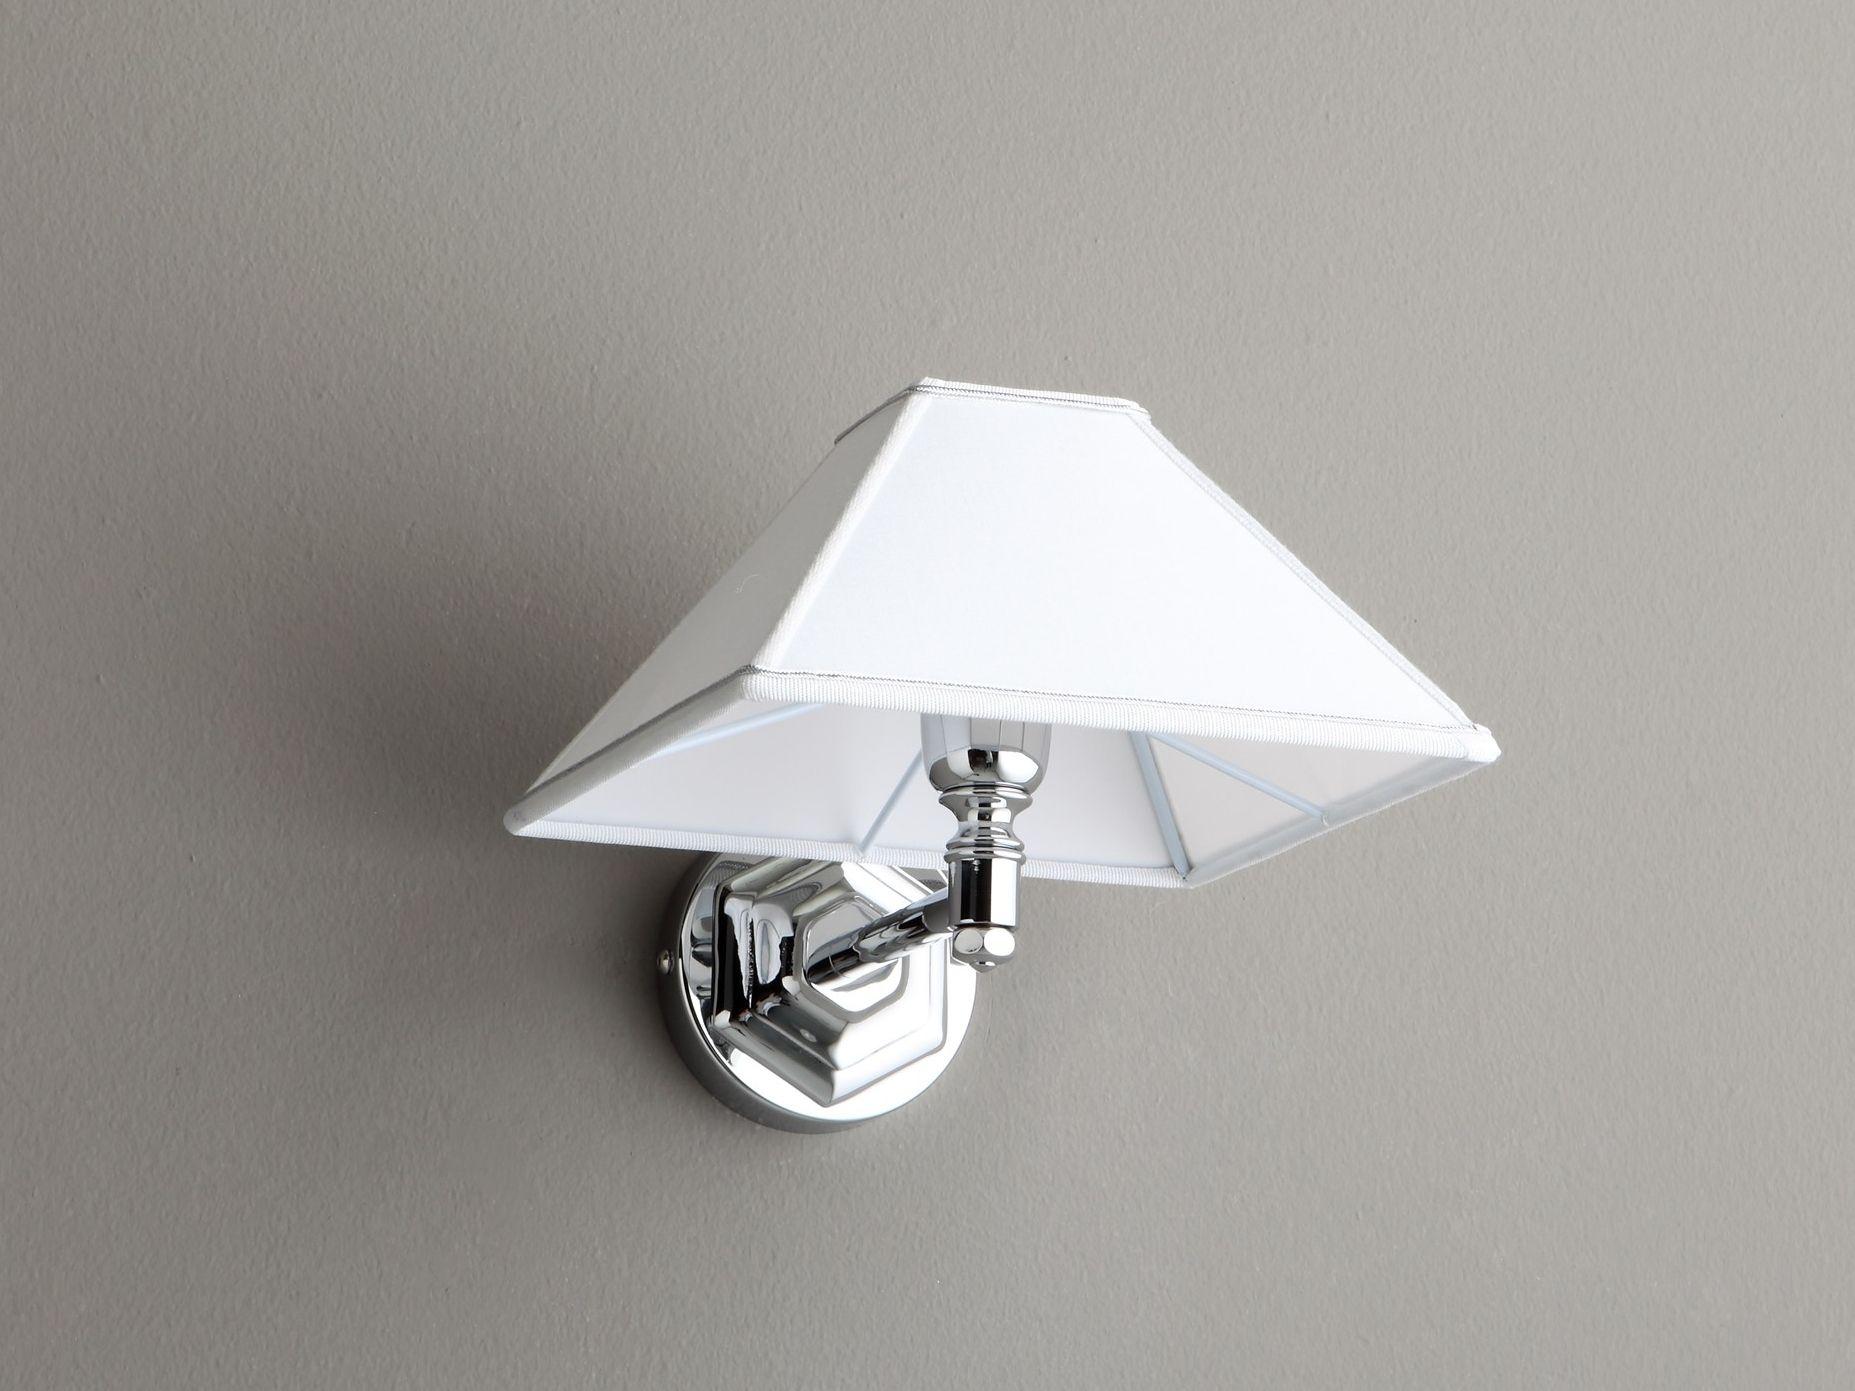 Wall lamps applique bagno in stile classico by bleu provence - Applique per bagno classico ...